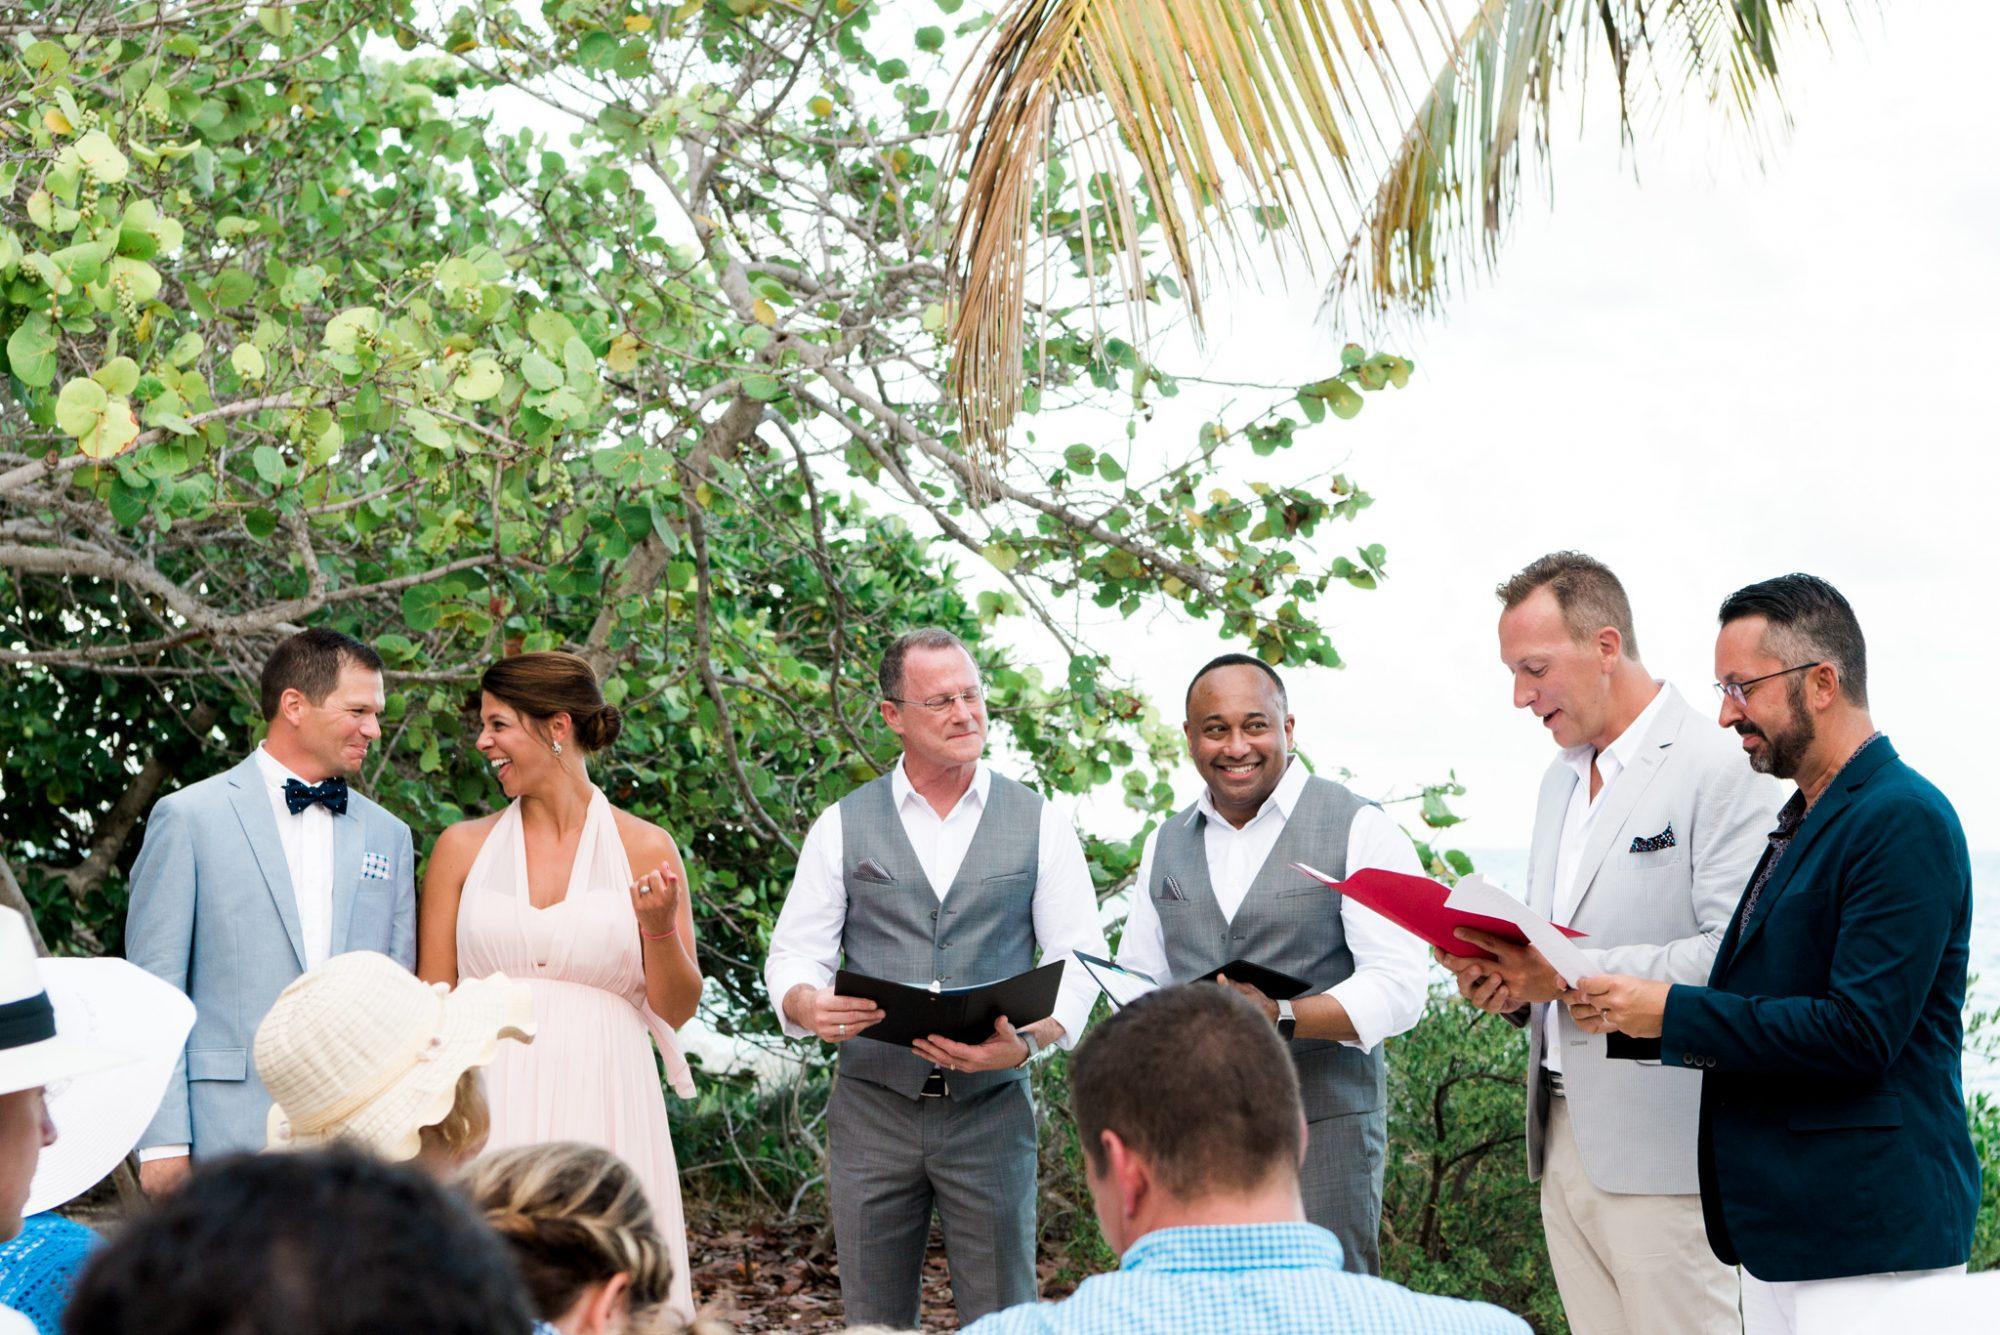 FBF2907 2 - Freya & Jamie   Key West Wedding